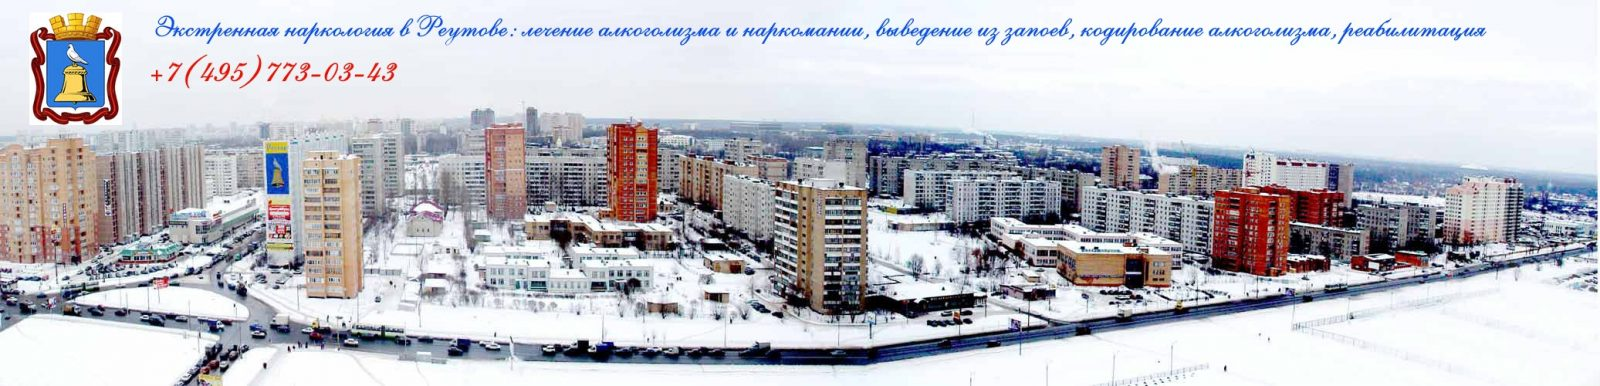 Нарколог_Реутов